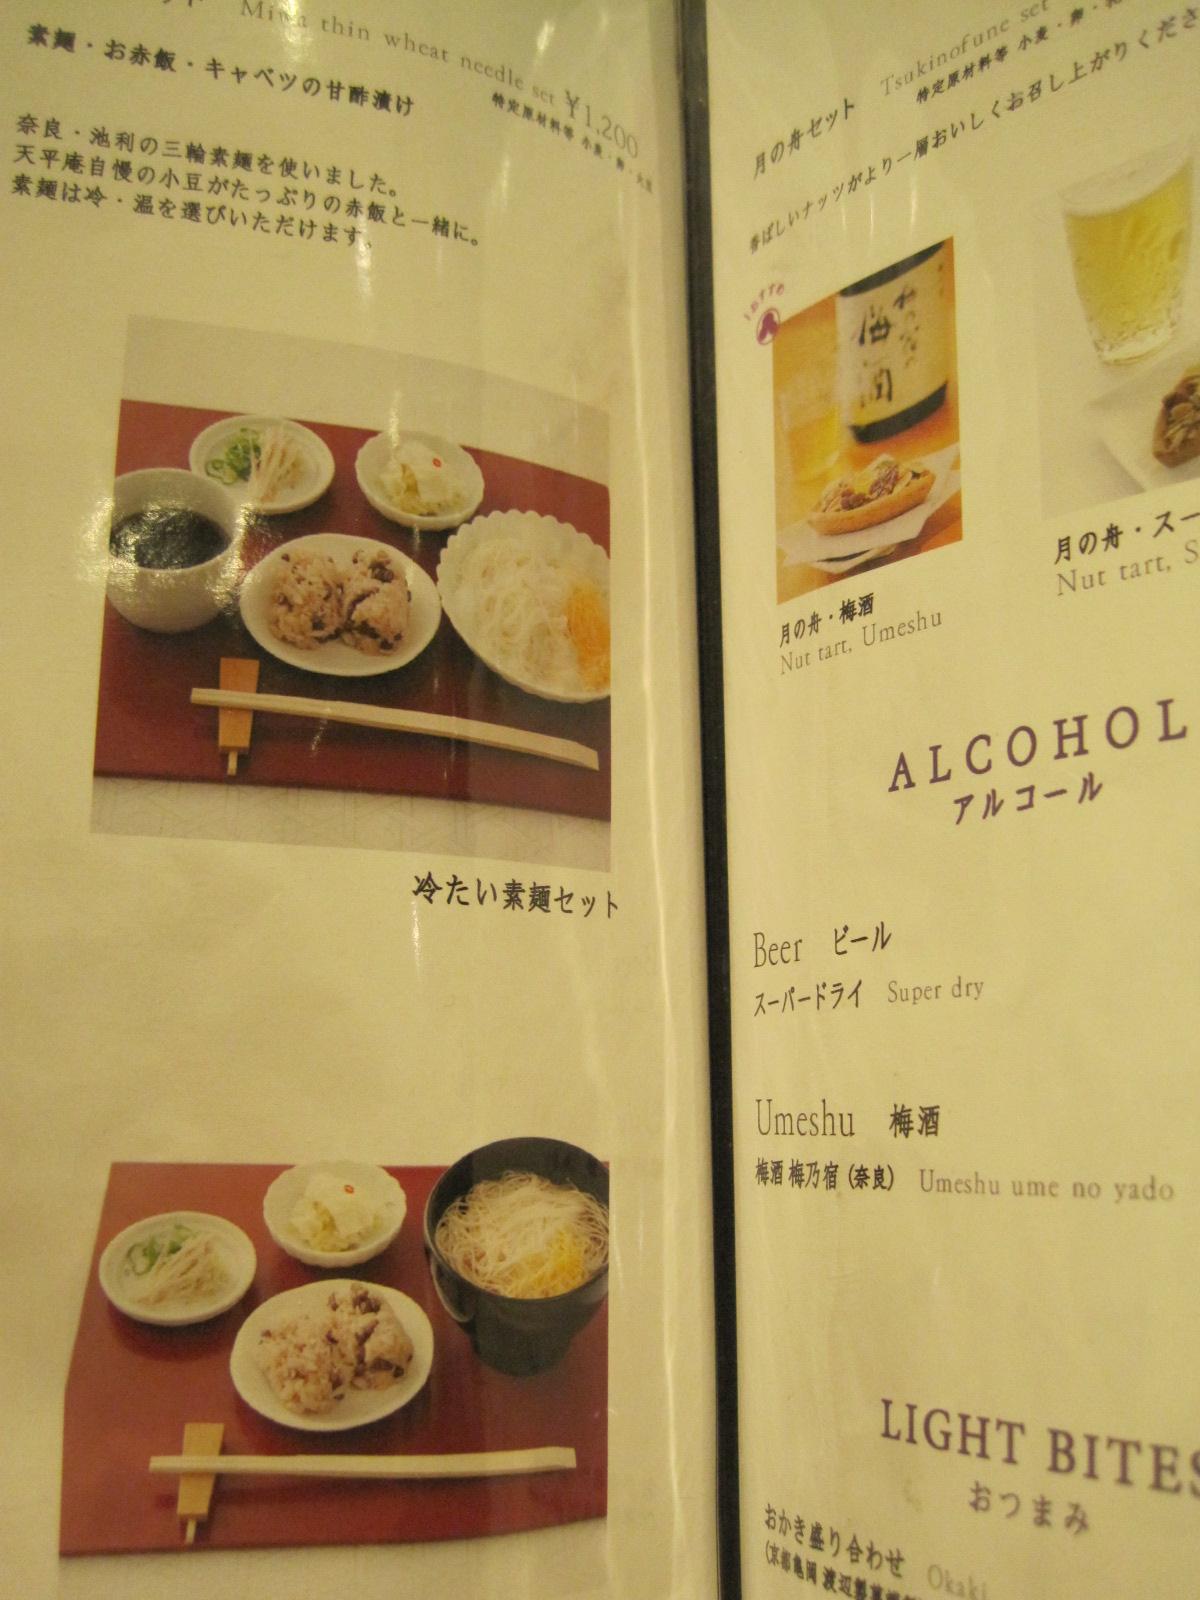 天平庵 /上野土産_f0236260_20402641.jpg